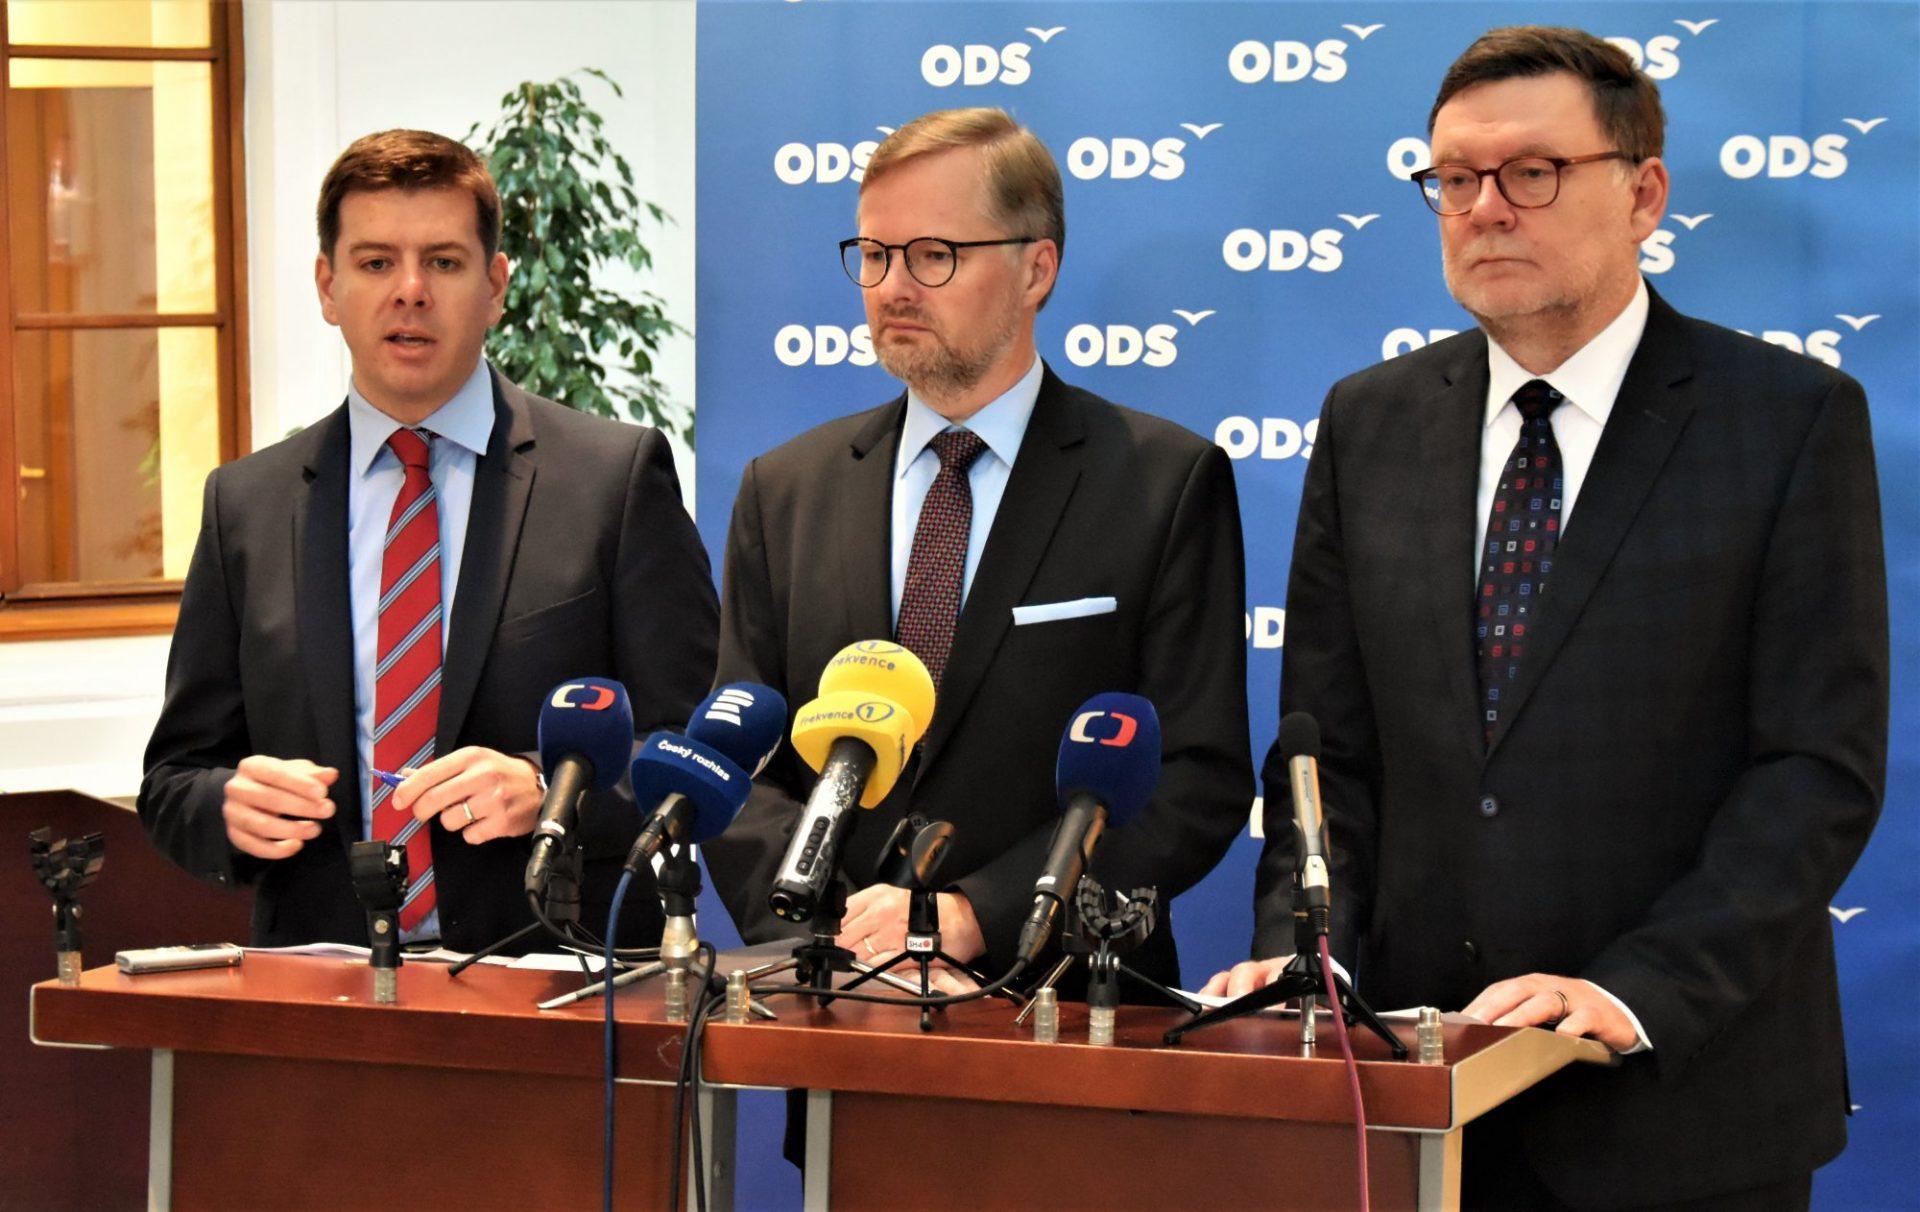 Jan Skopeček, Petr Fiala a Zbyněk Stanjura (Archiv ODS)